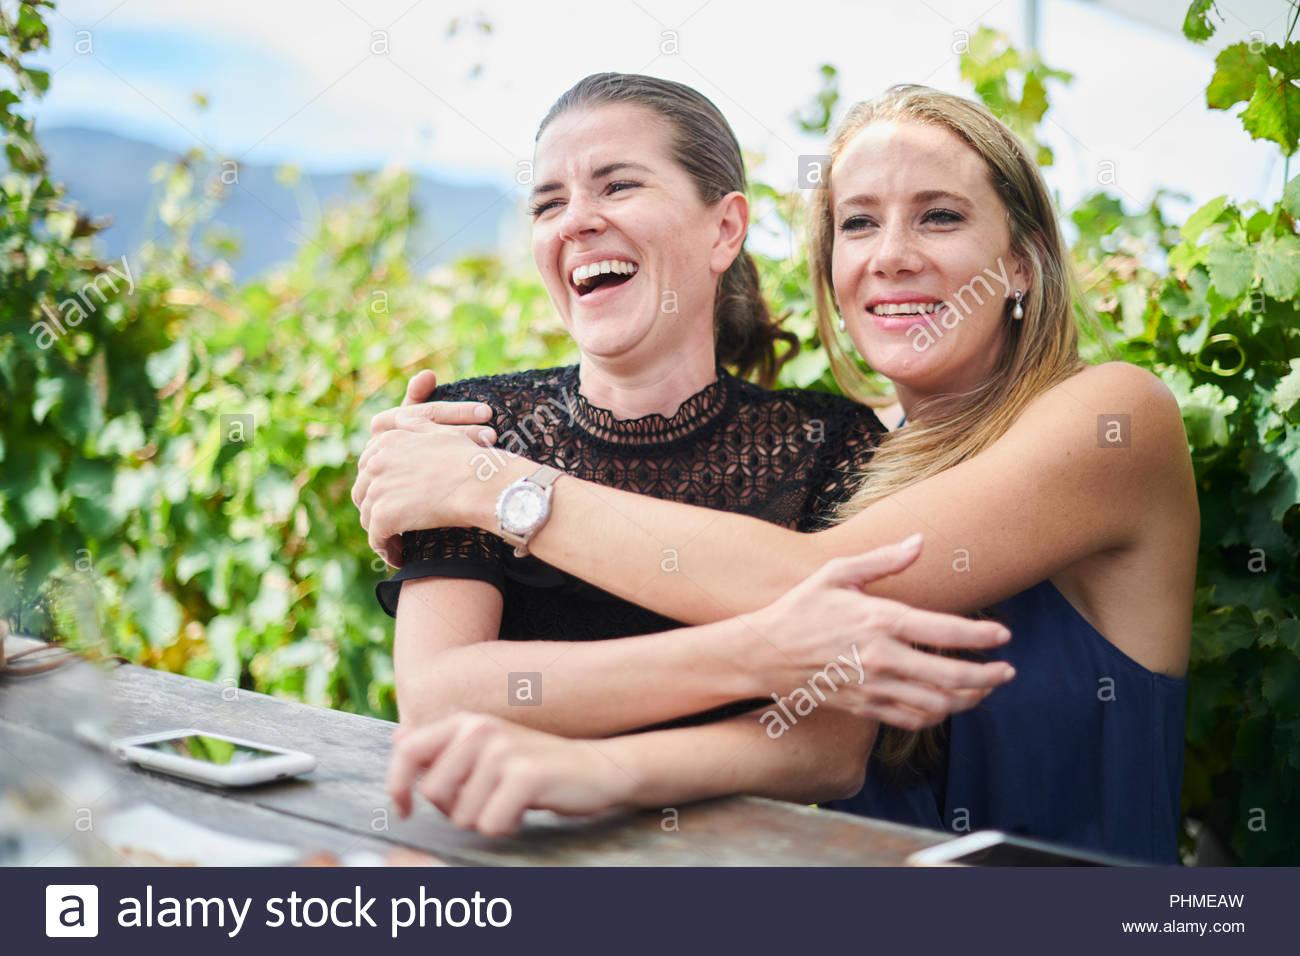 Smiling friends embrassant au déjeuner Photo Stock